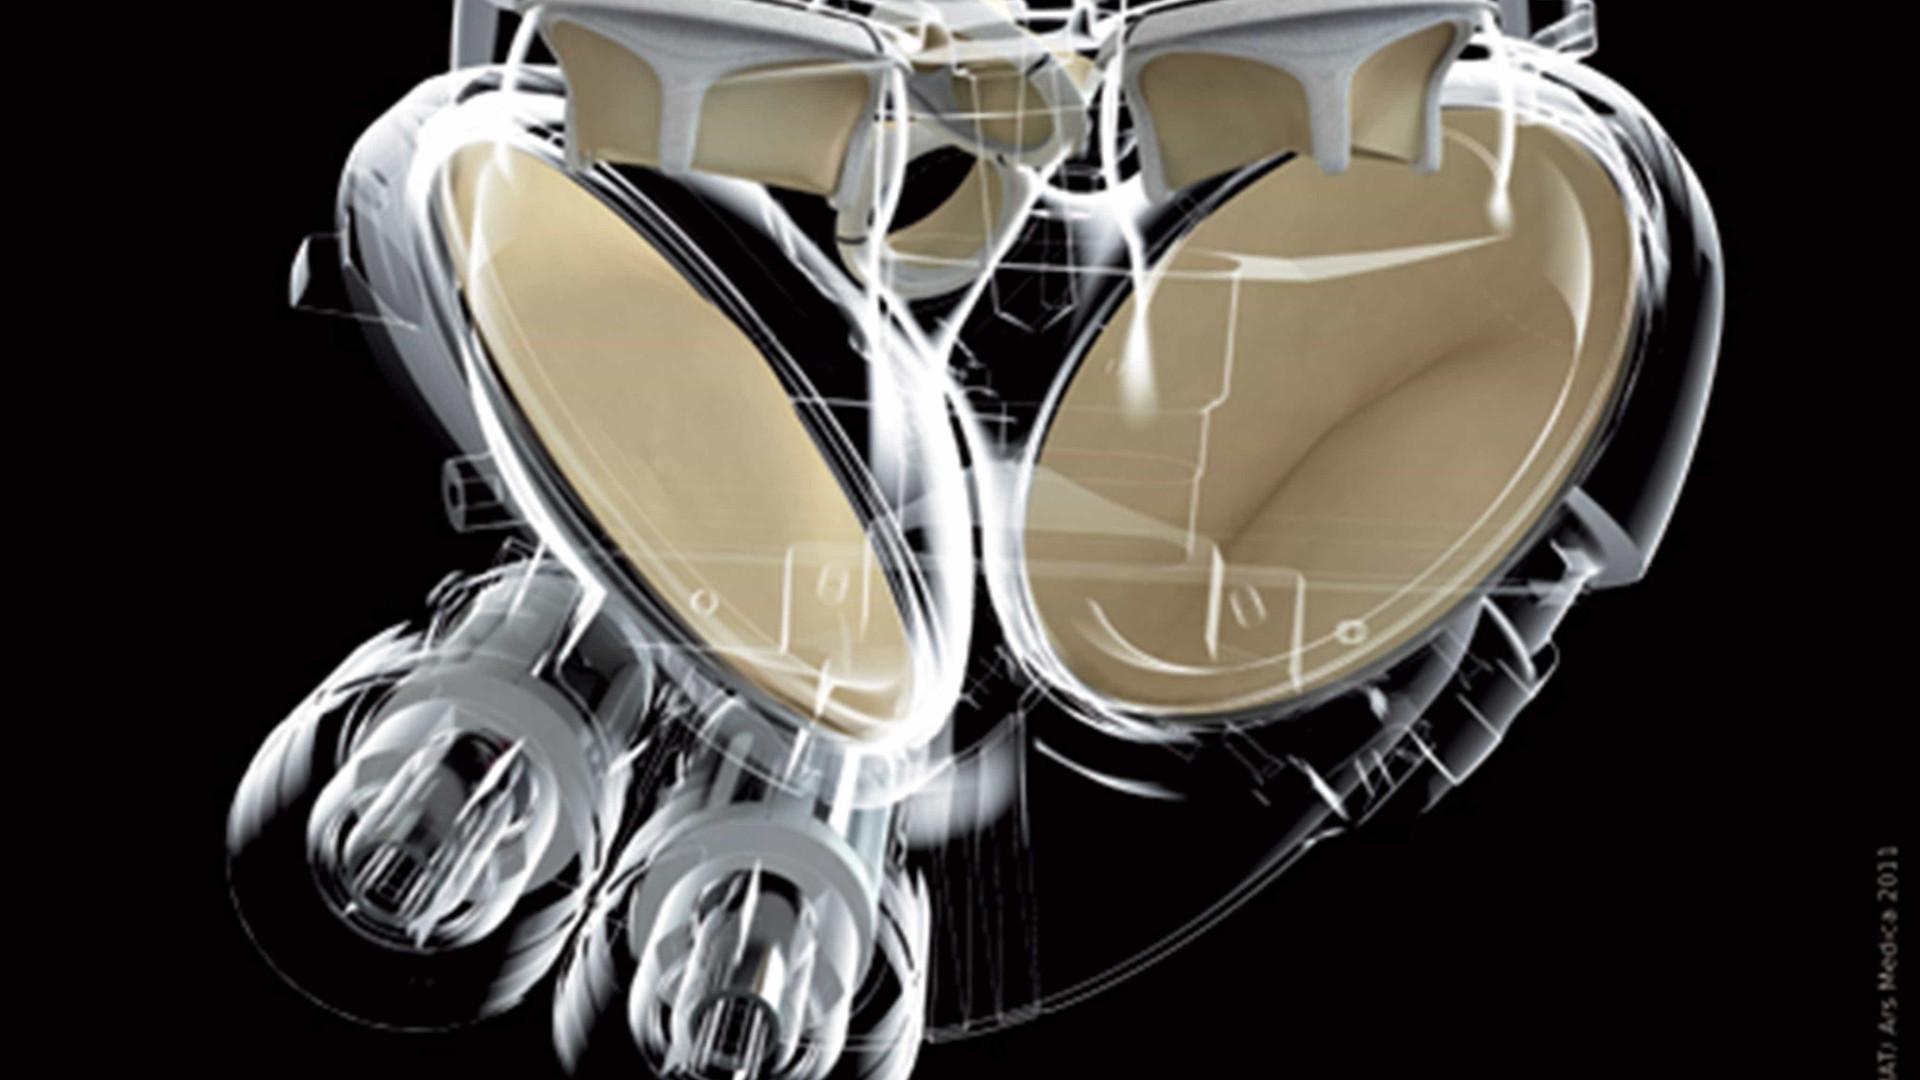 Agência de Segurança proibe novos implantes de coração artificial